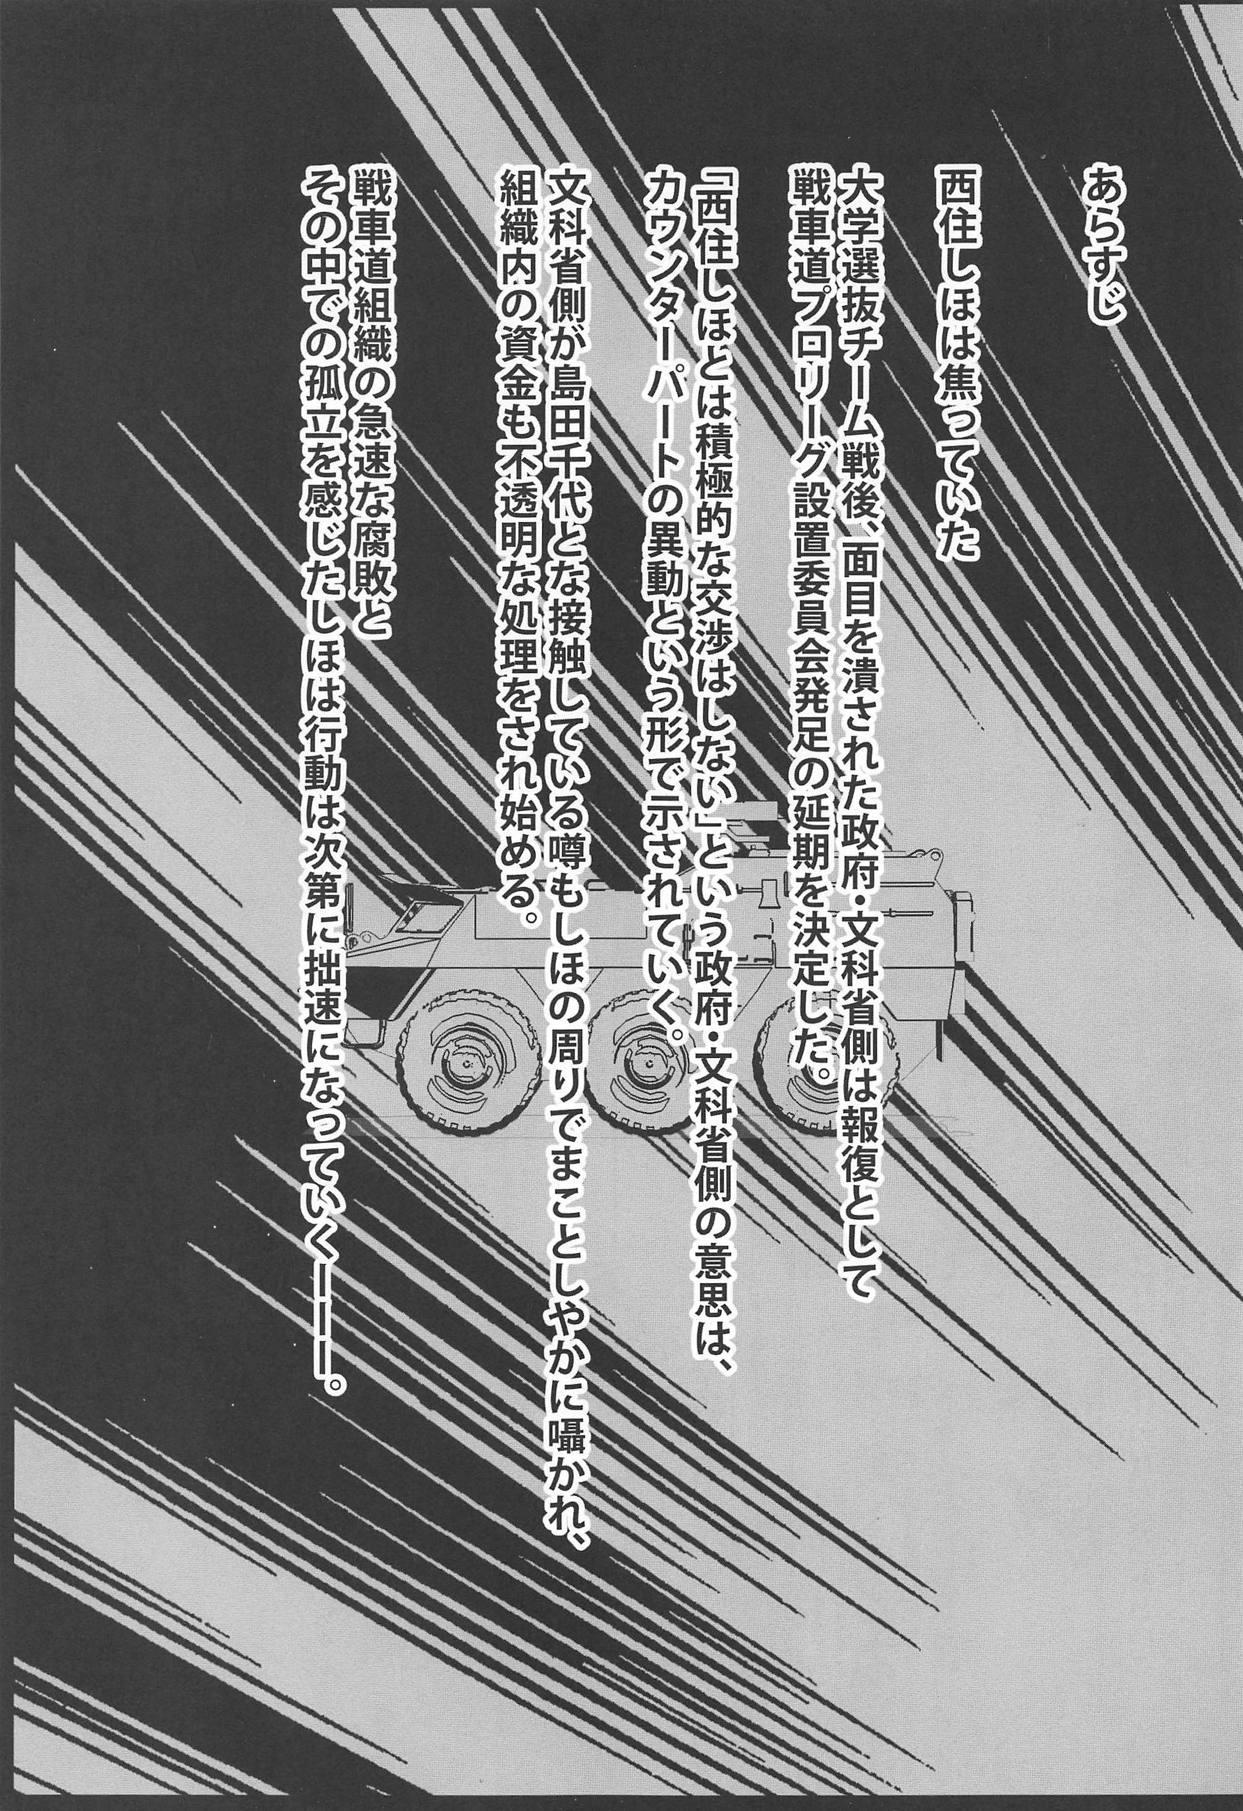 (COMIC1☆15) [Flaming Dragon (Bouto)] Tsuyoi Sensha no Kowashikata NTR Zenpen -Nishizumi-ryuu Iemoto Nishizumi Shiho Shihan no Baai- (Girls und Panzer) 1